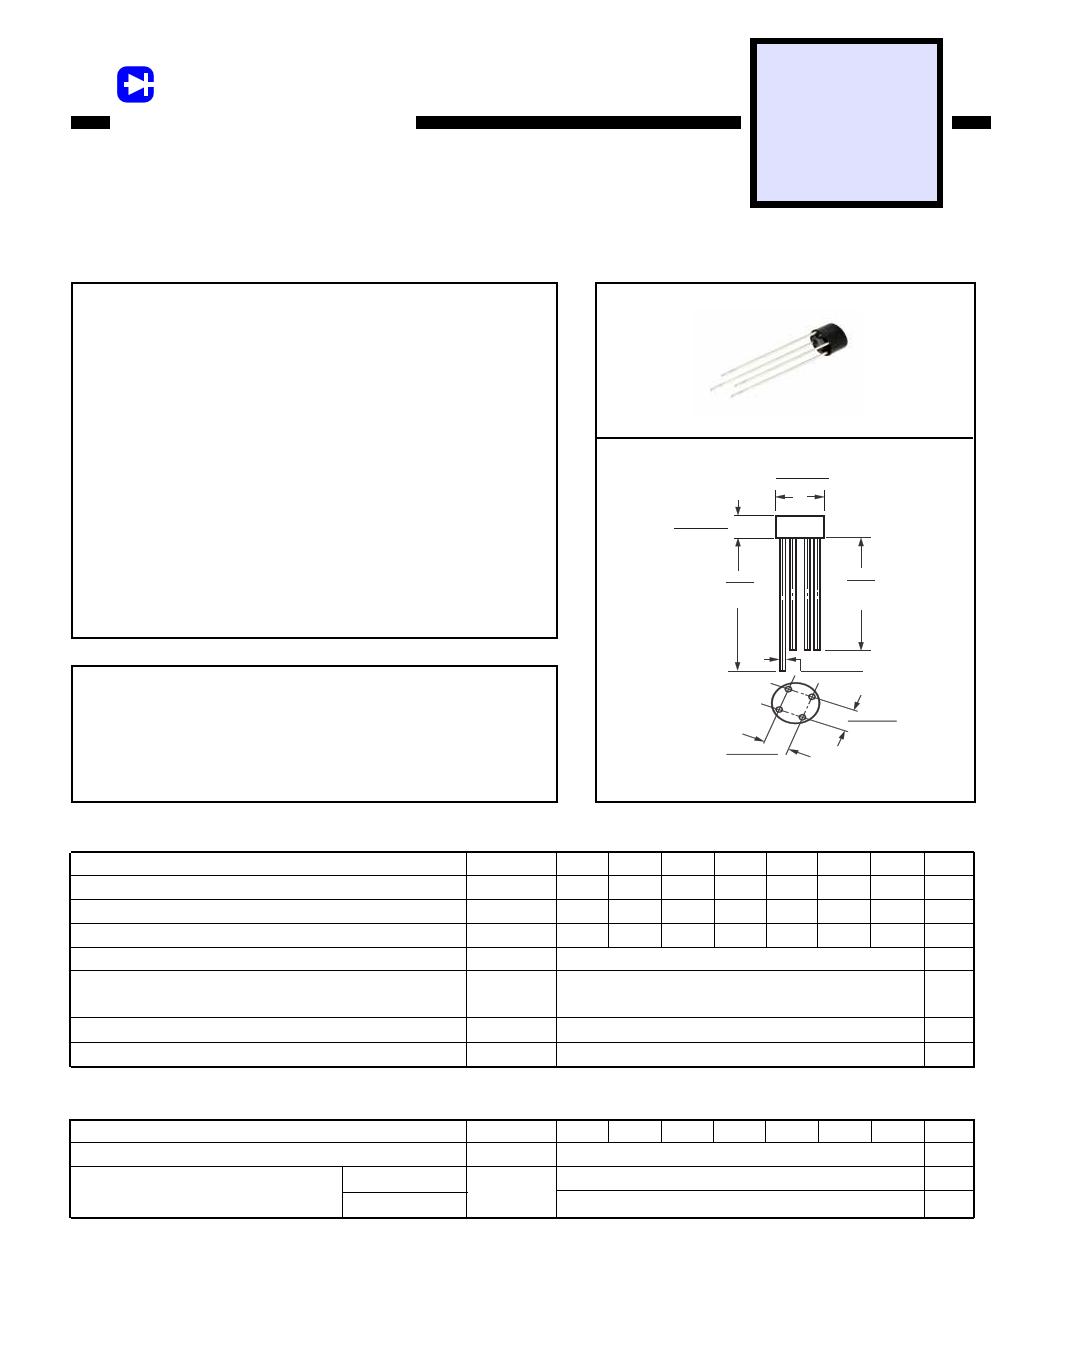 W005M datasheet